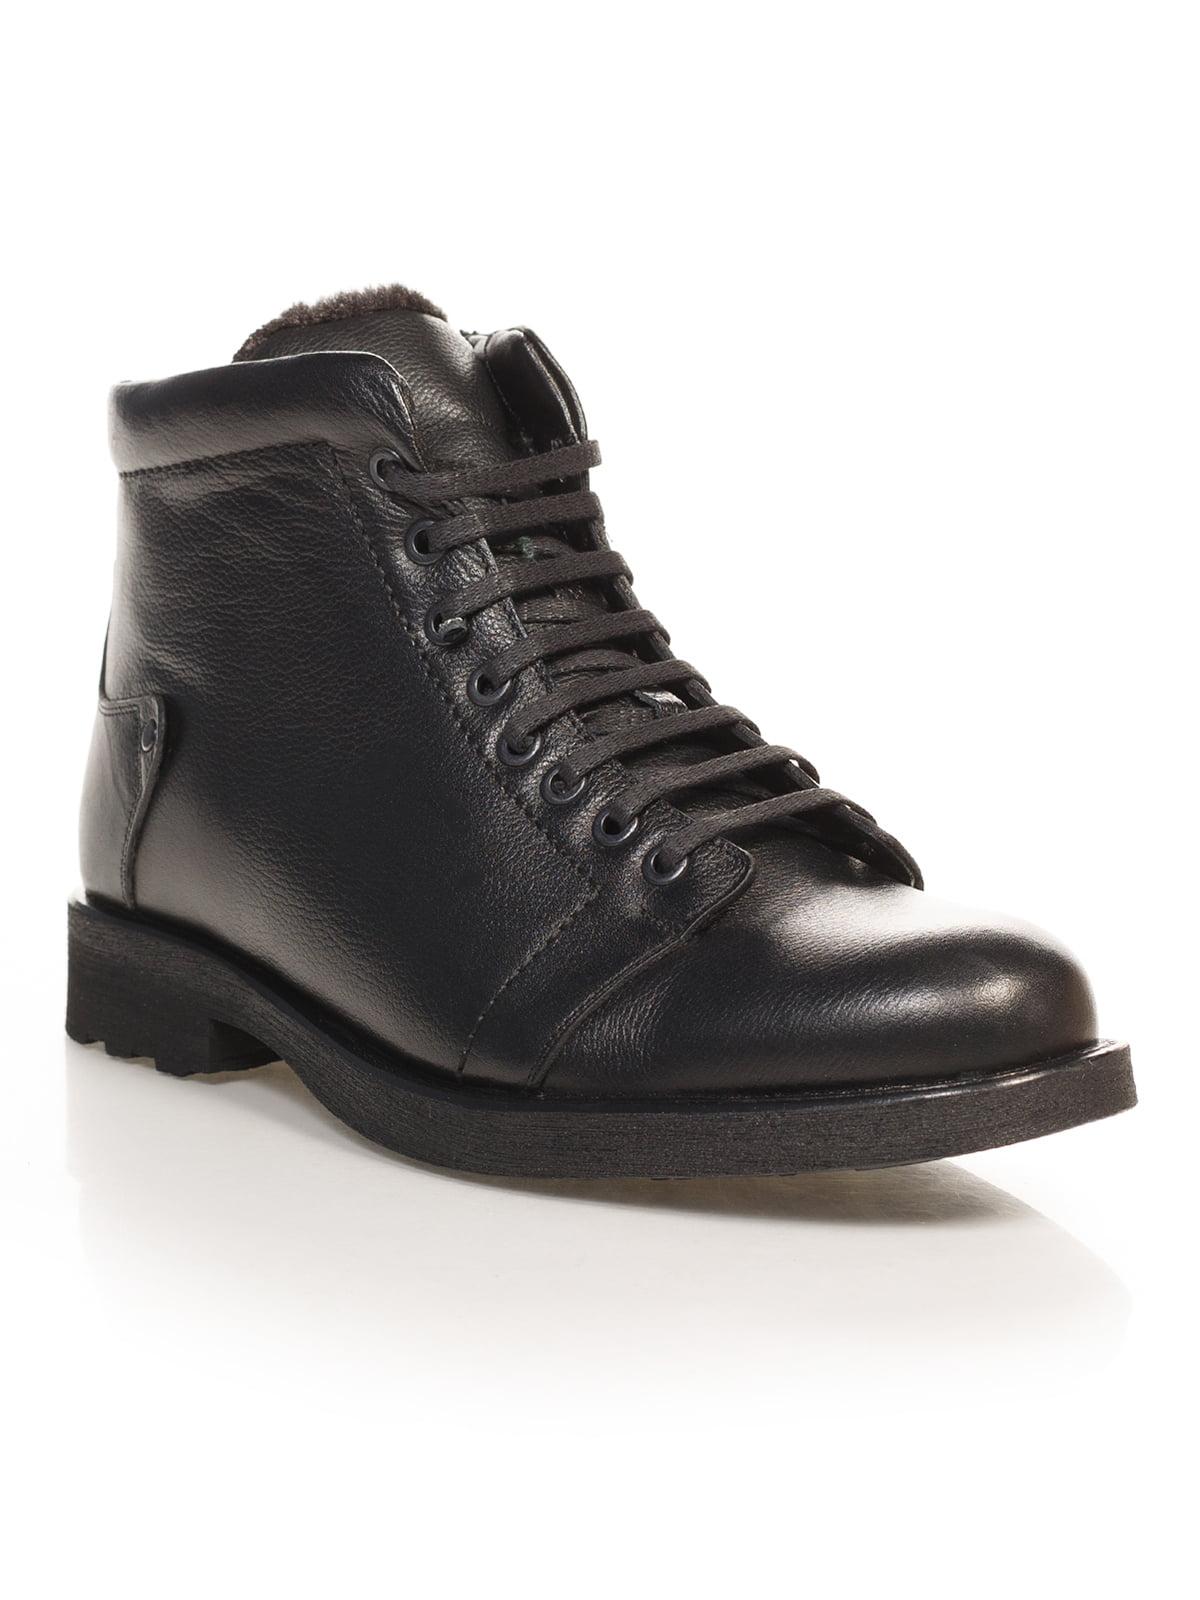 Ботинки черные | 4771485 | фото 2